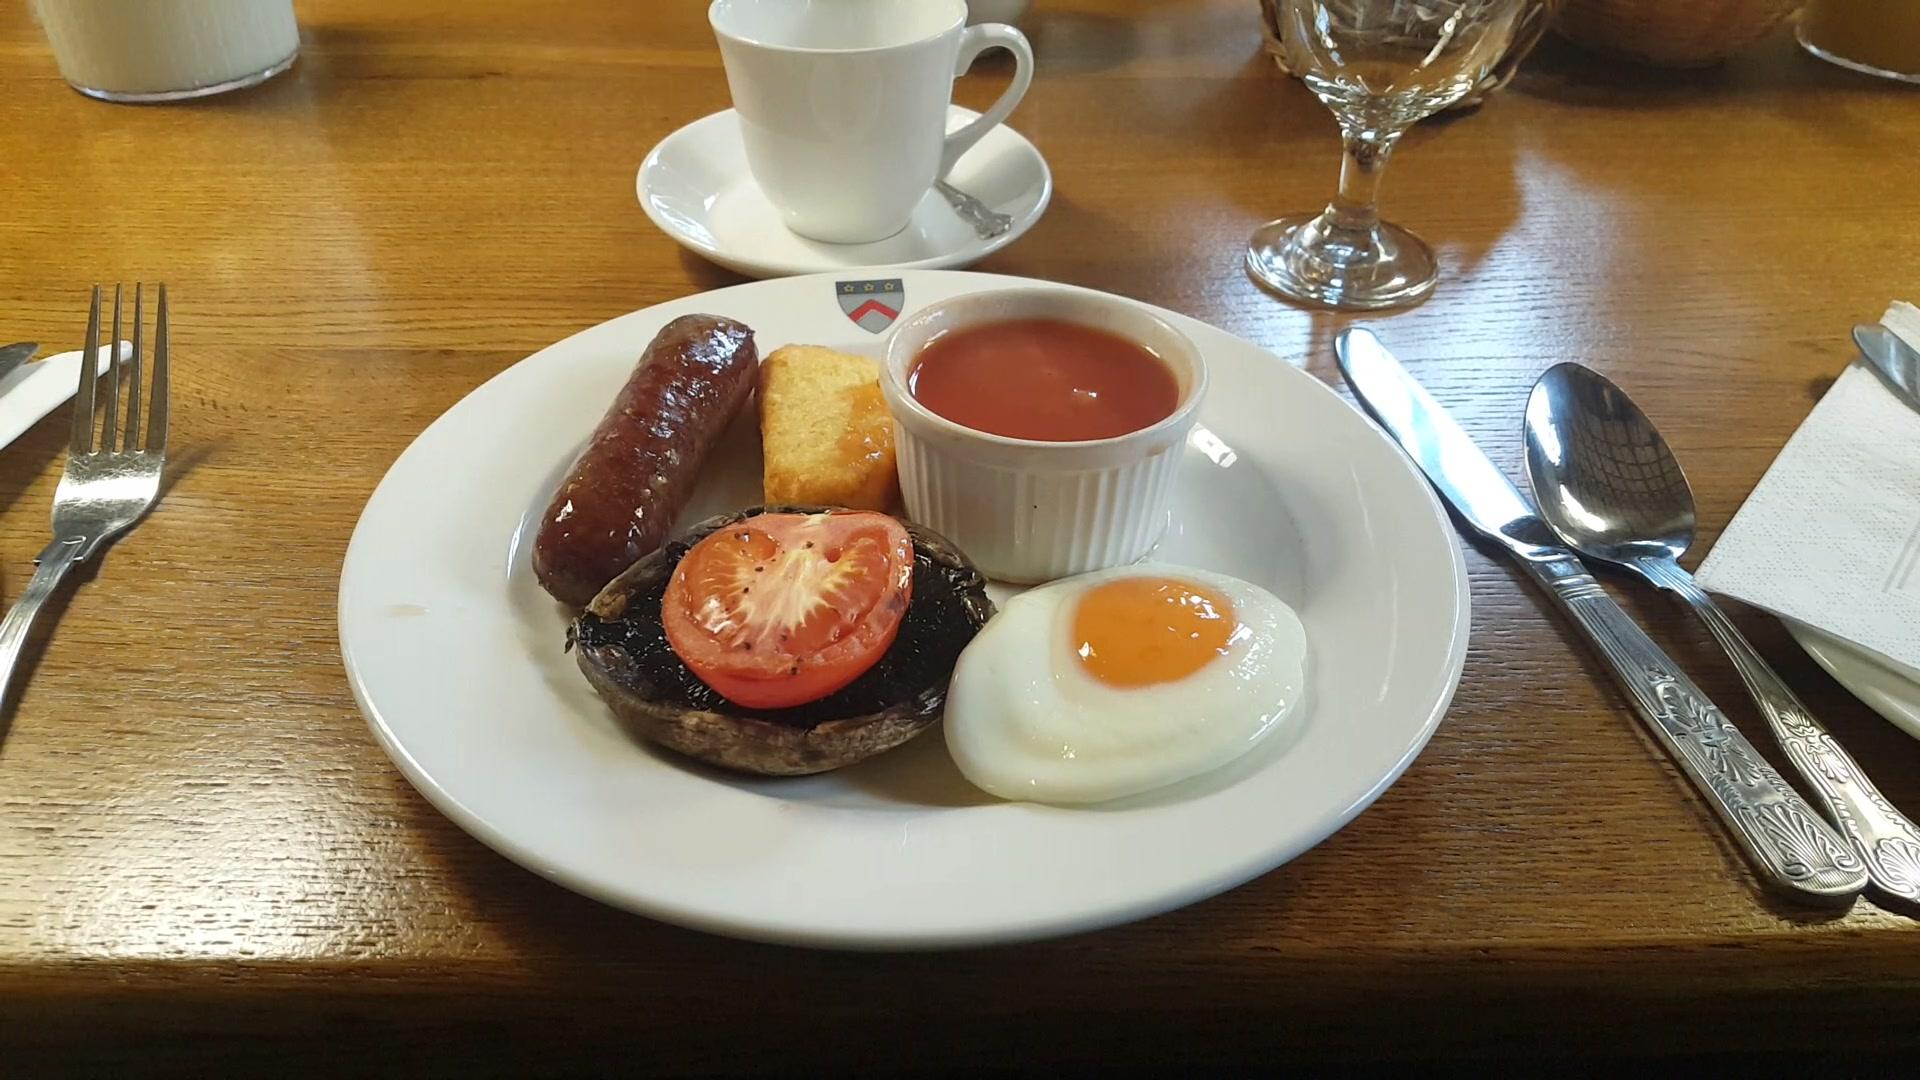 Eid Breakfast at Keble College